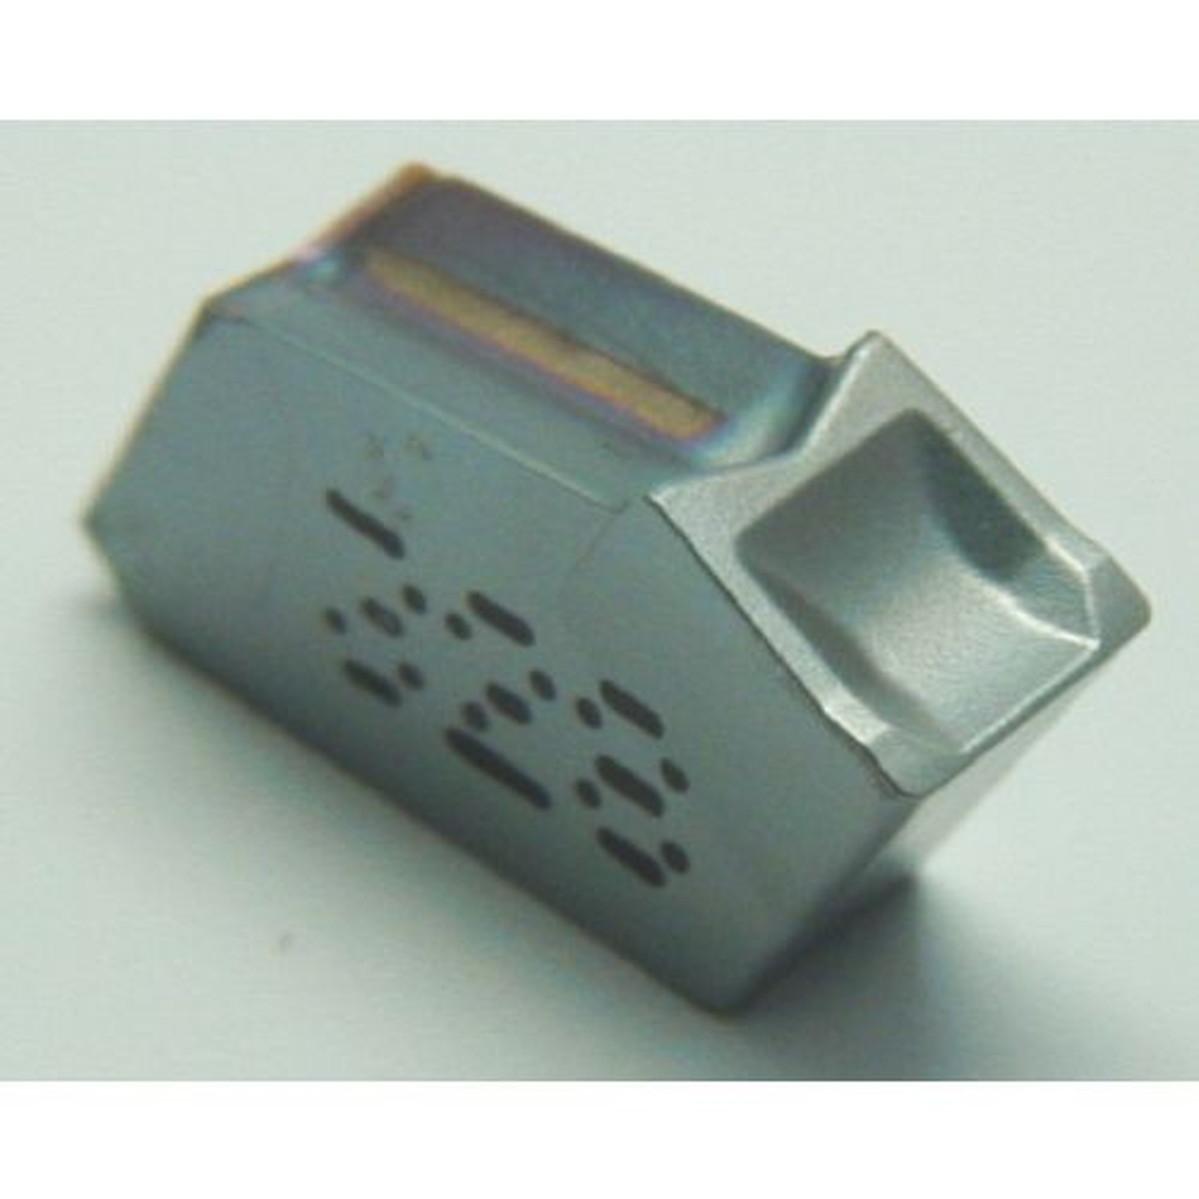 【メール便不可】 イスカル セルフグリップ セルフグリップ 10個 スリッター IC928 IC928 10個, 韮崎市:e6be0751 --- bungsu.net